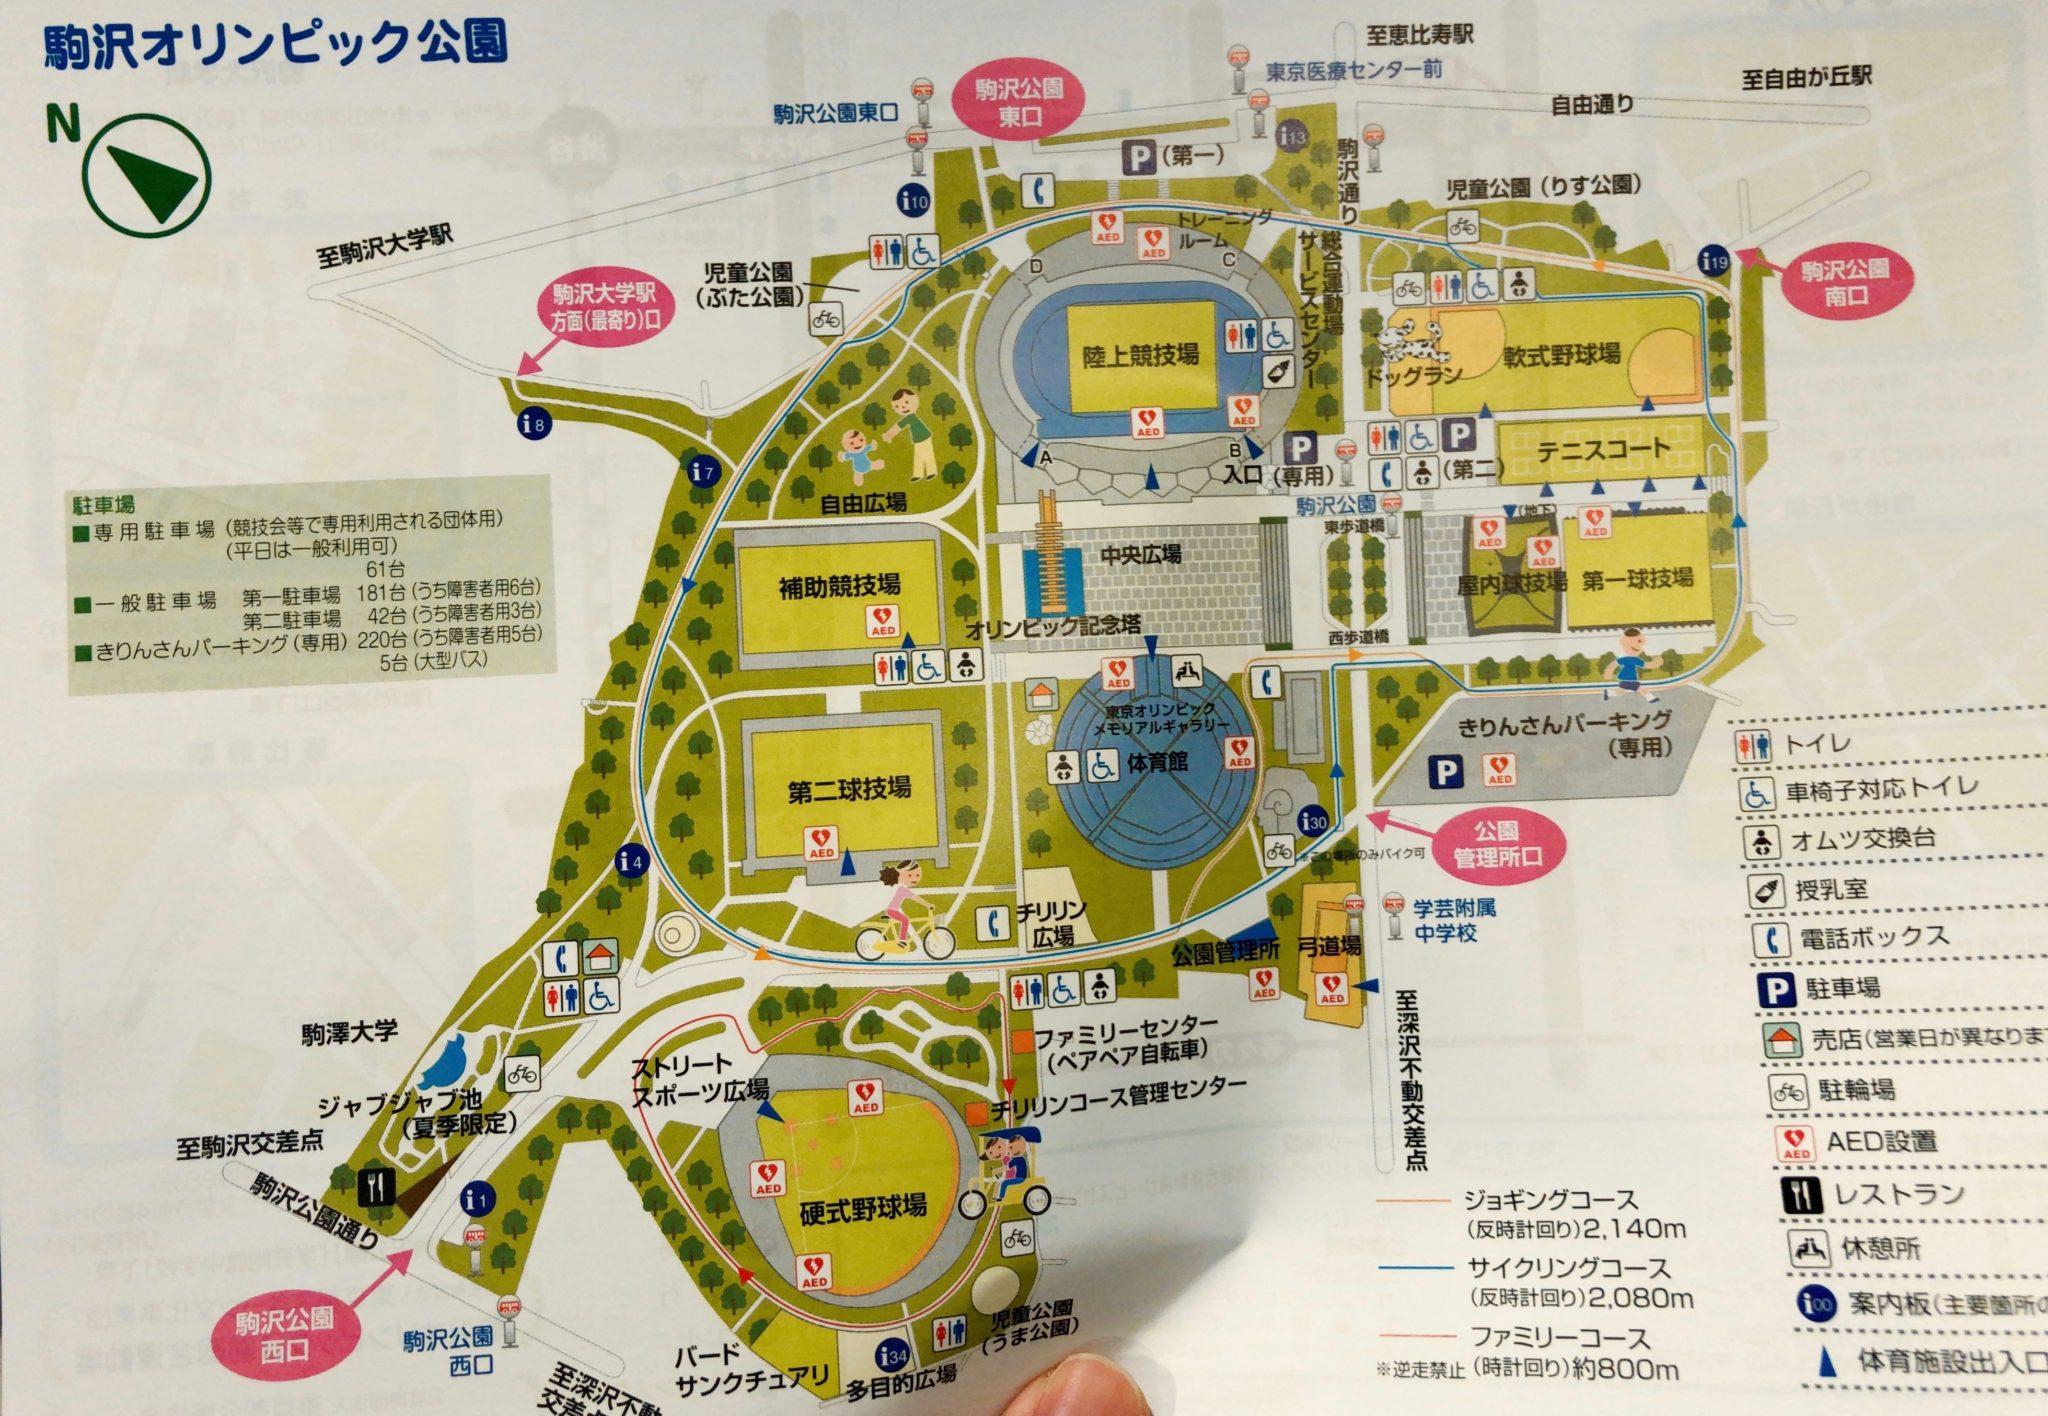 世田谷にある駒沢公園の園内地図MAP